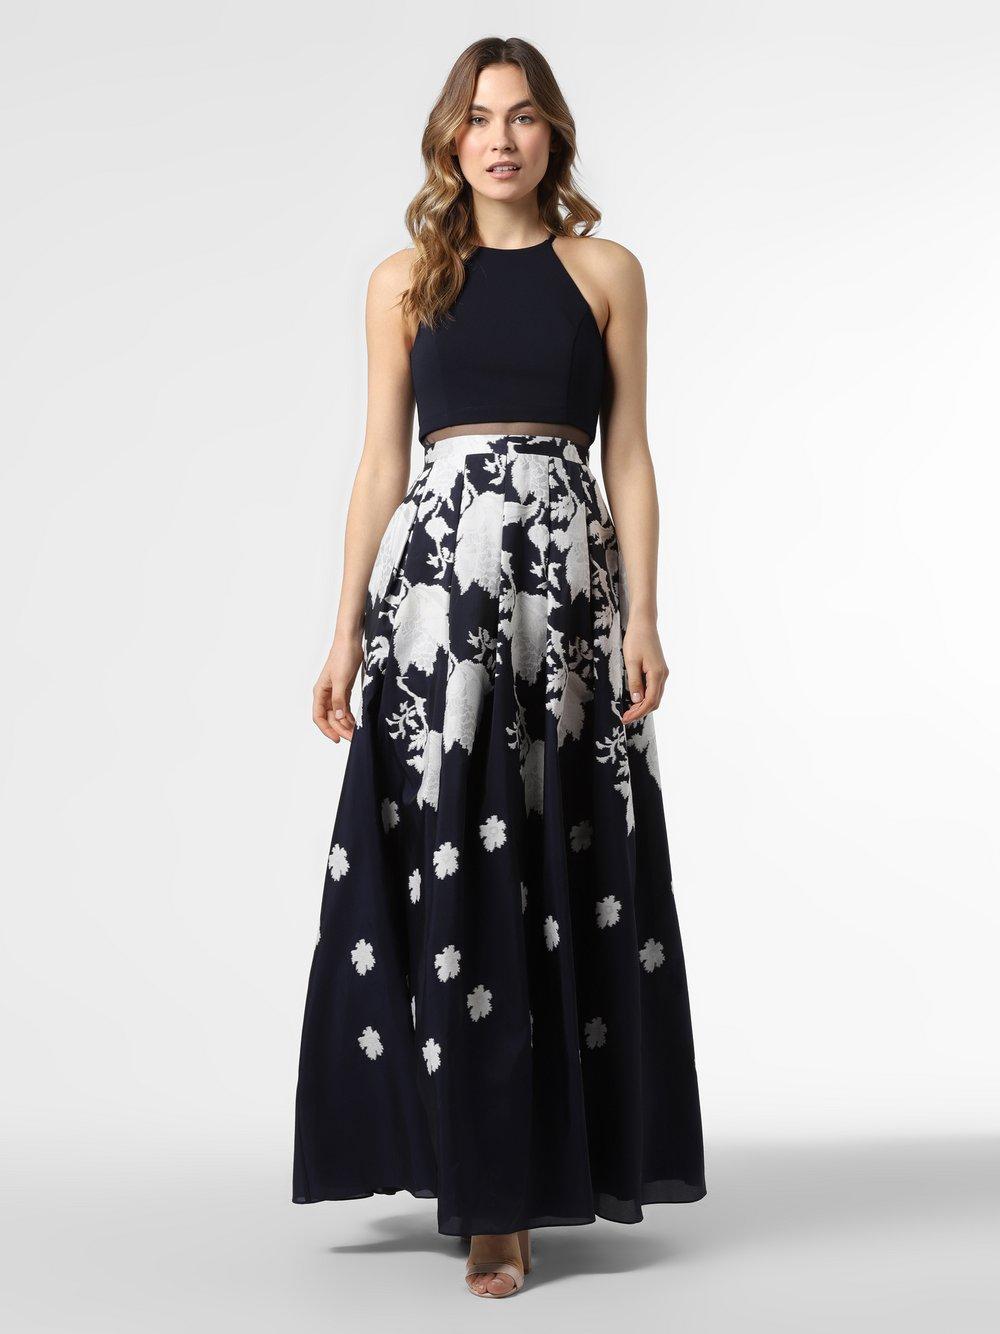 VM - Damska sukienka wieczorowa, czarny